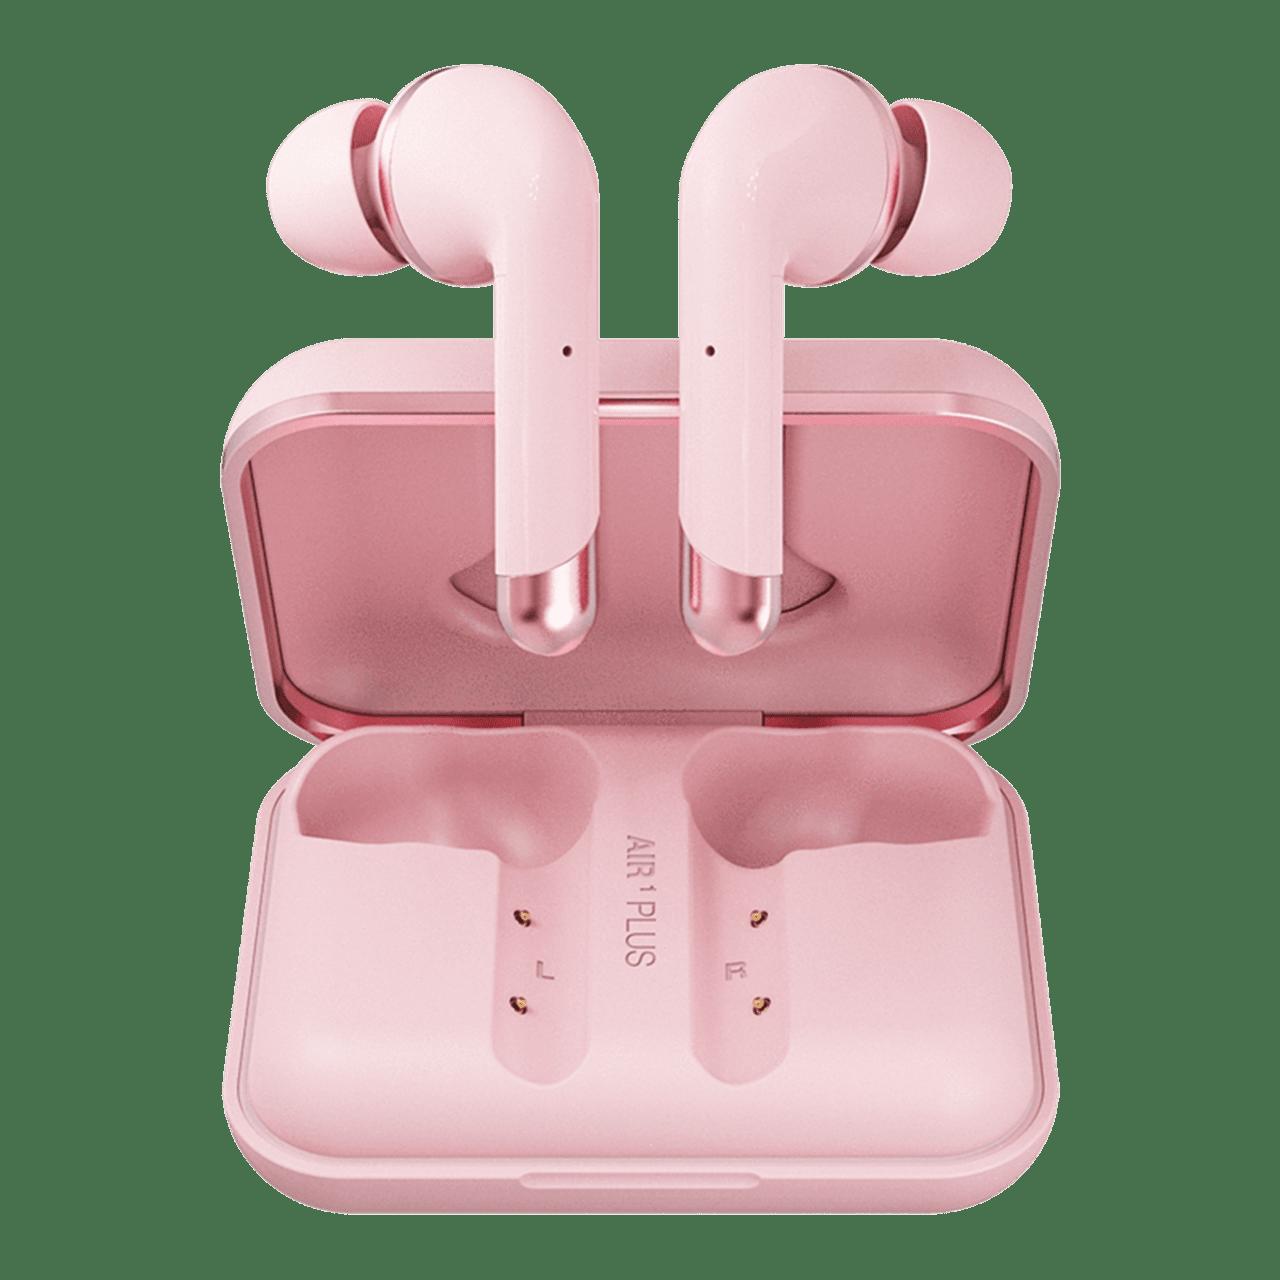 Happy Plugs Air1 Plus Pink Gold In Ear True Wireless Bluetooth Earphones - 2